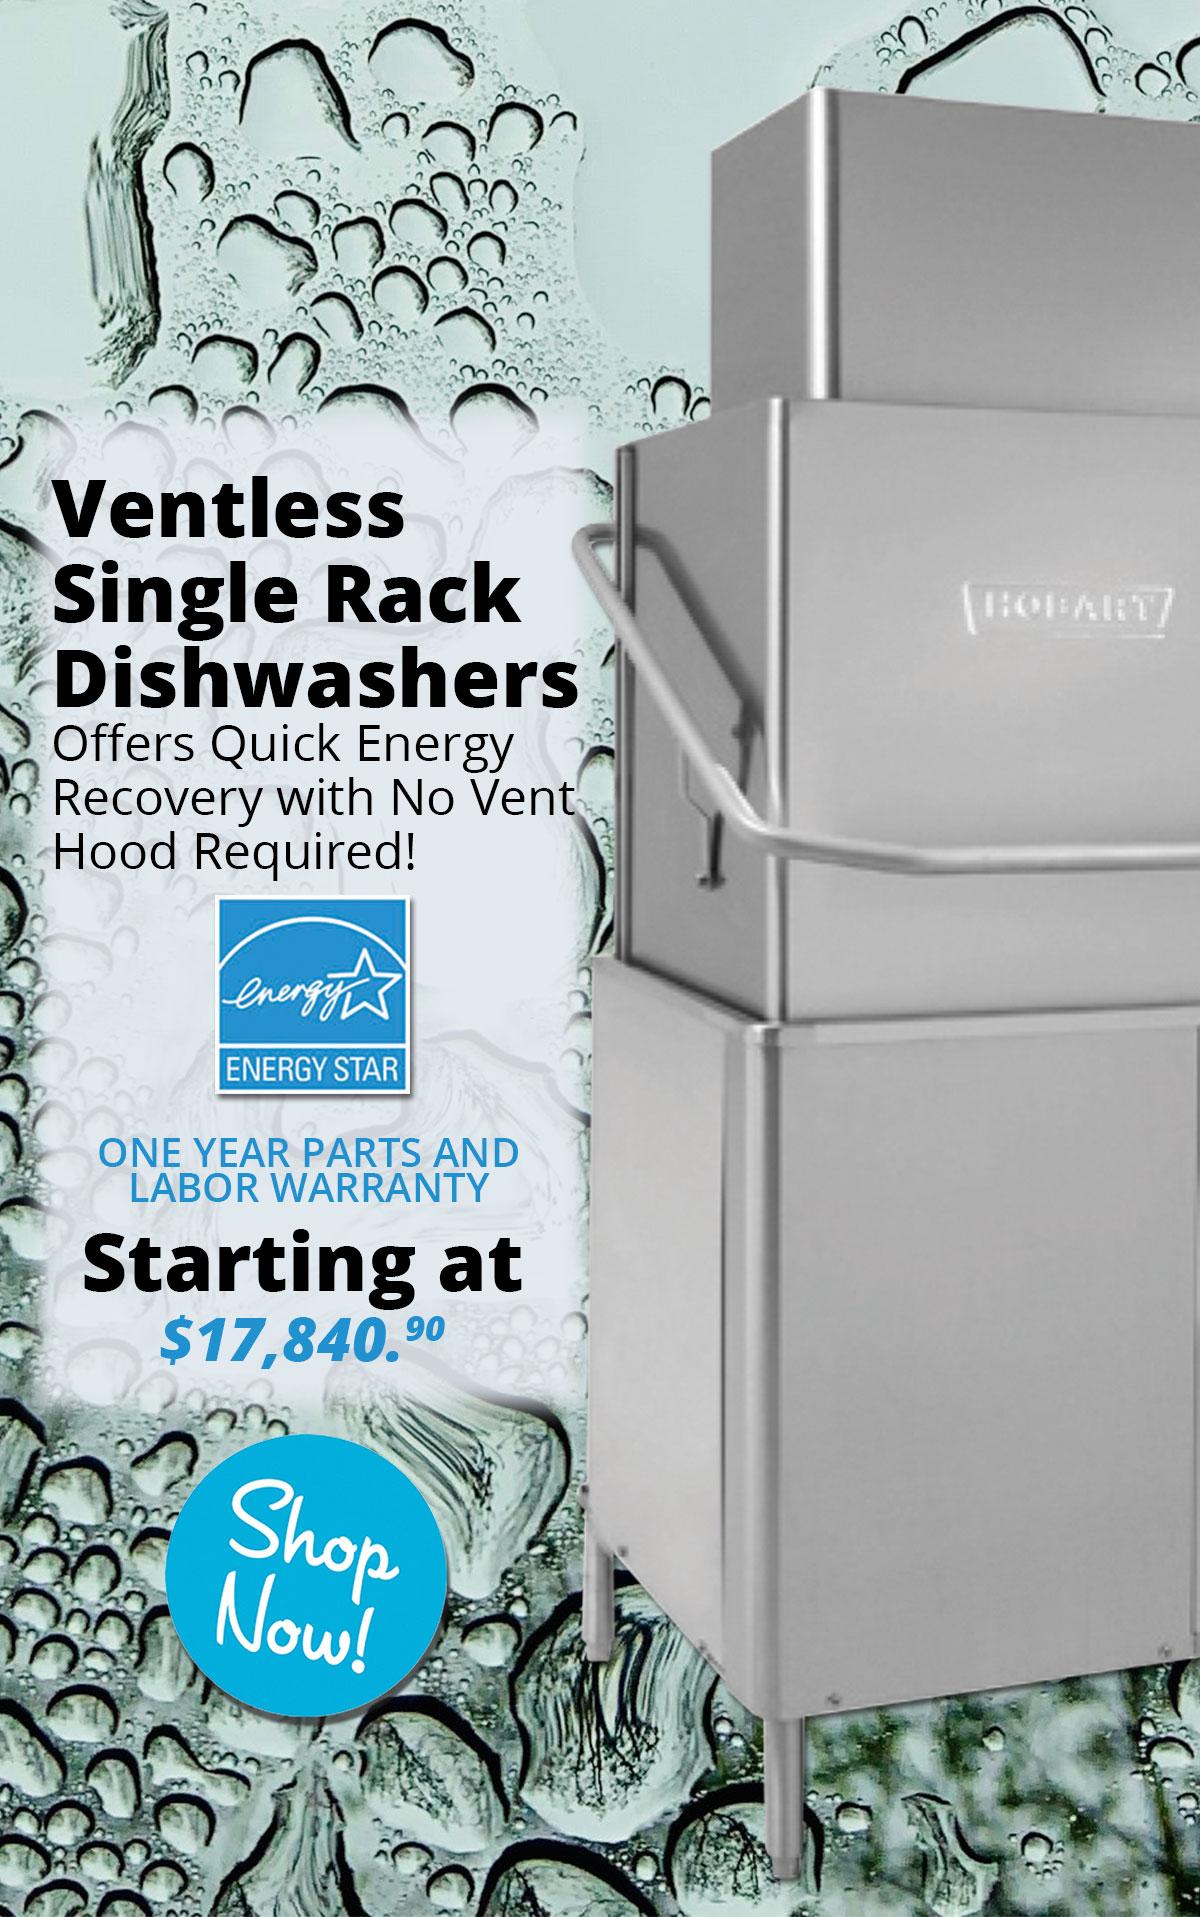 Ventless Single Rack Dishwashers starting at $17,840.90